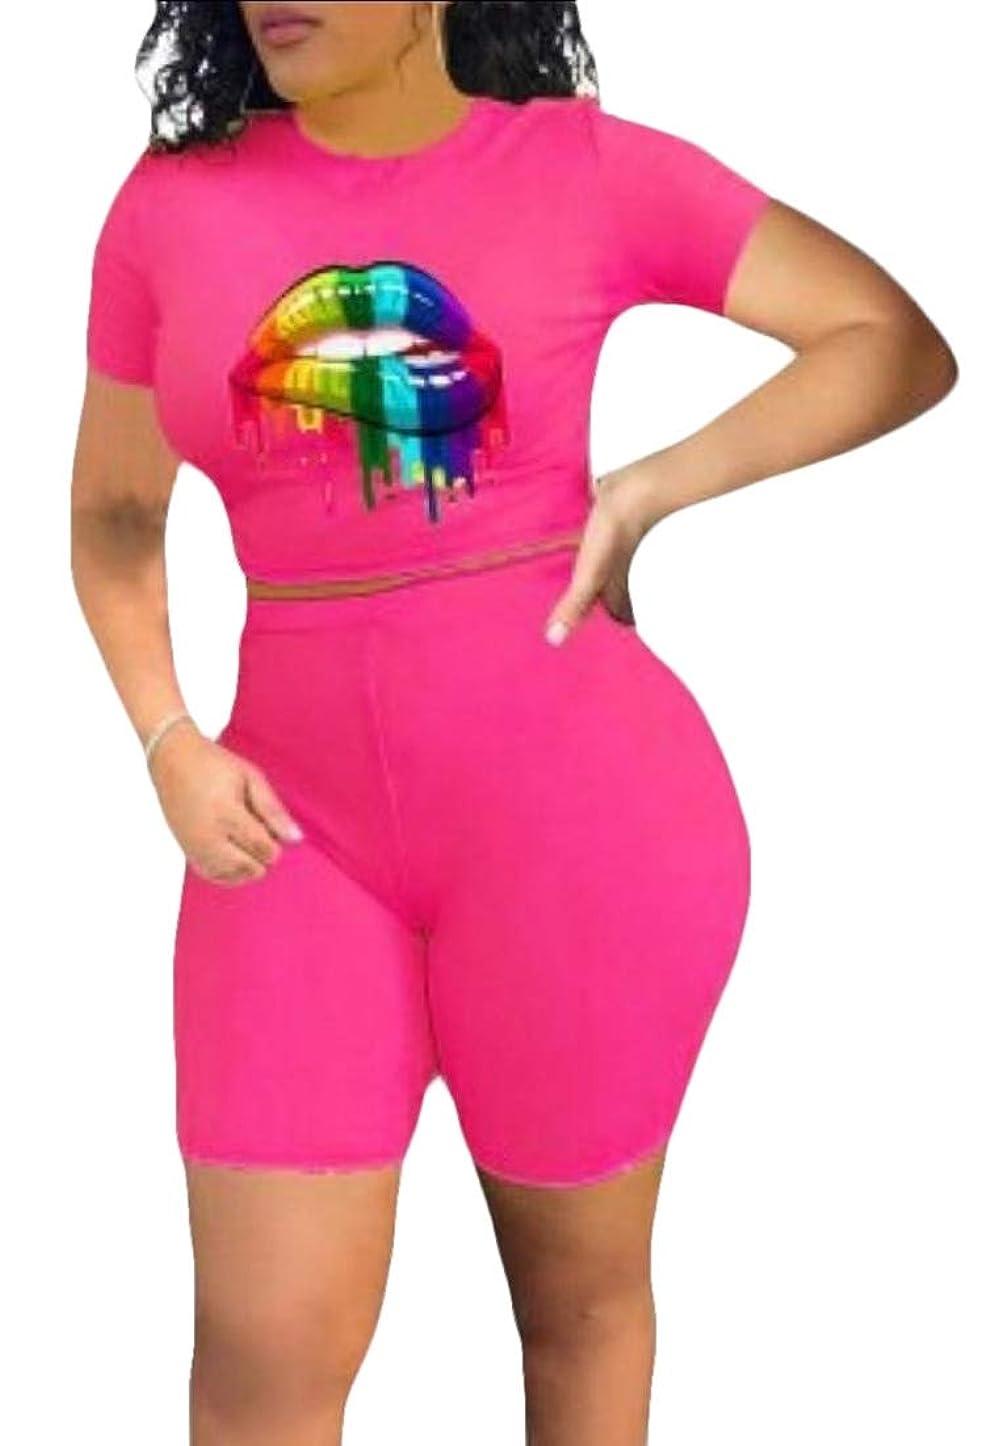 懐ライター販売計画女性のオフィスレディスリムフィットブレザーとスカート2ピースビジネススカートスーツセット